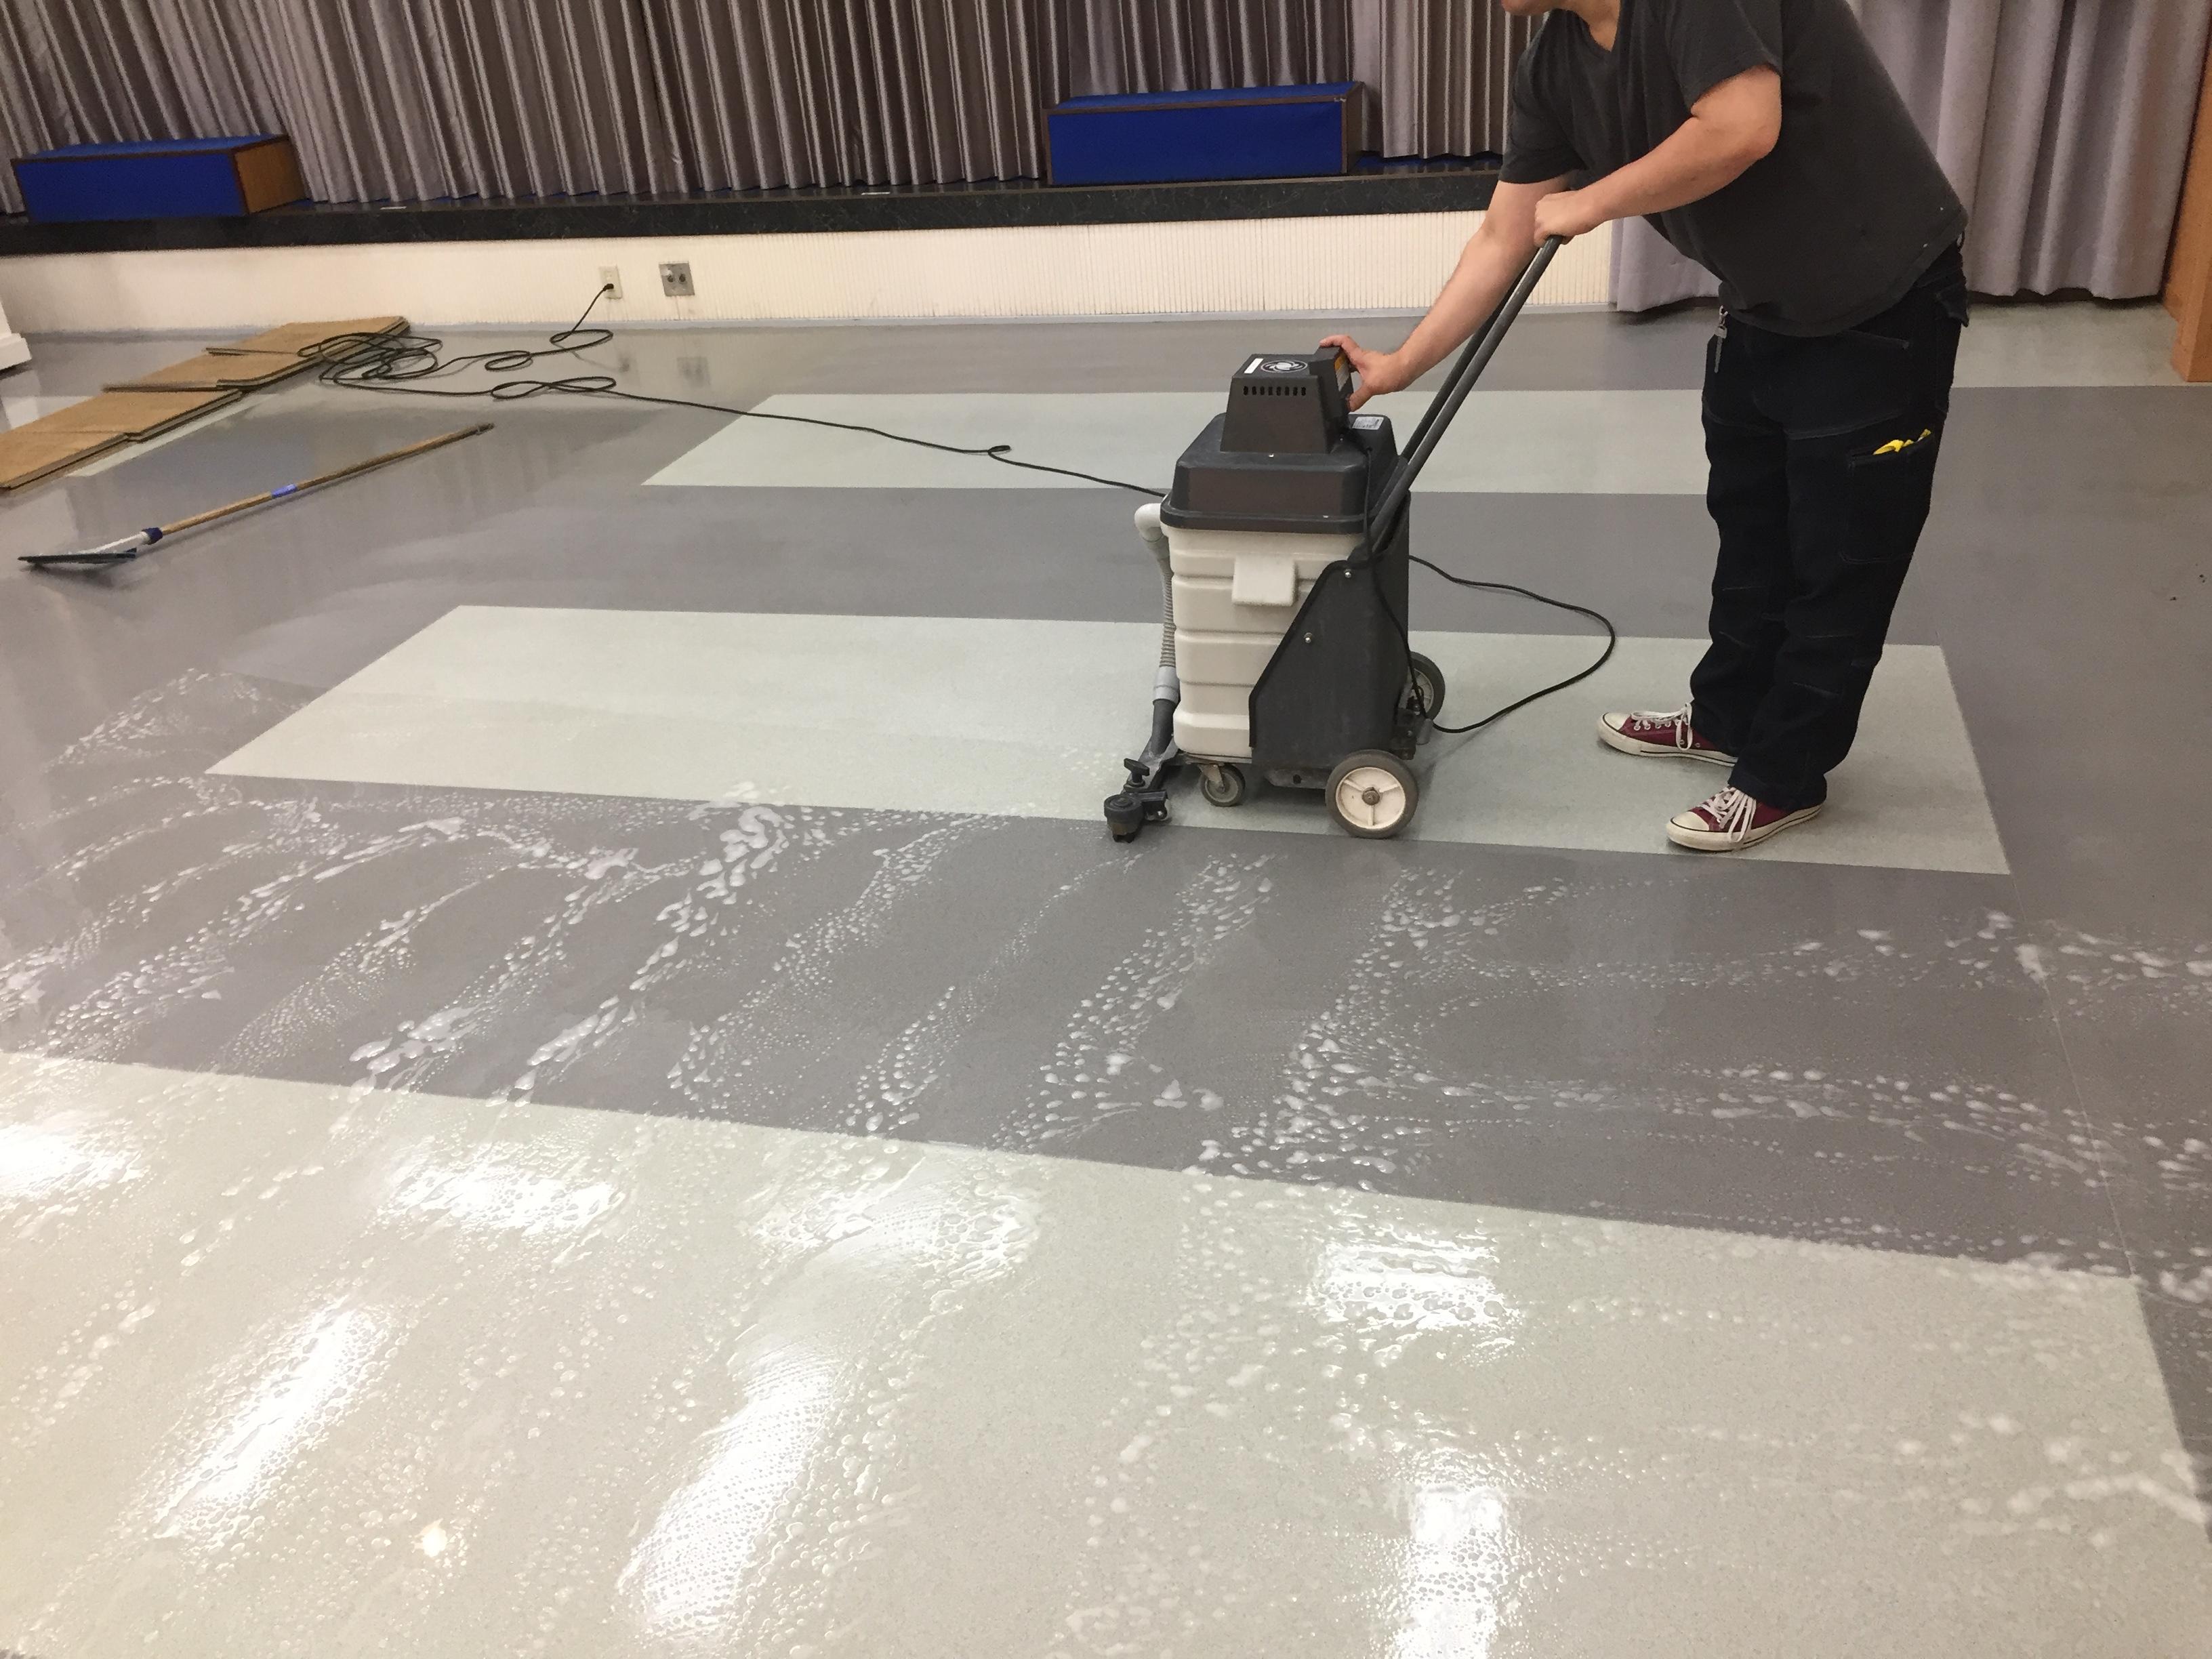 床が光る!ツヤがすごい!床の光沢!商業施設、ビル、マンション、店舗、床の定期的な清掃は、おそうじプラスにお任せ下さい!伊丹市・宝塚市・川西市の地域密着ハウスクリーニング!24時間受け付け可能